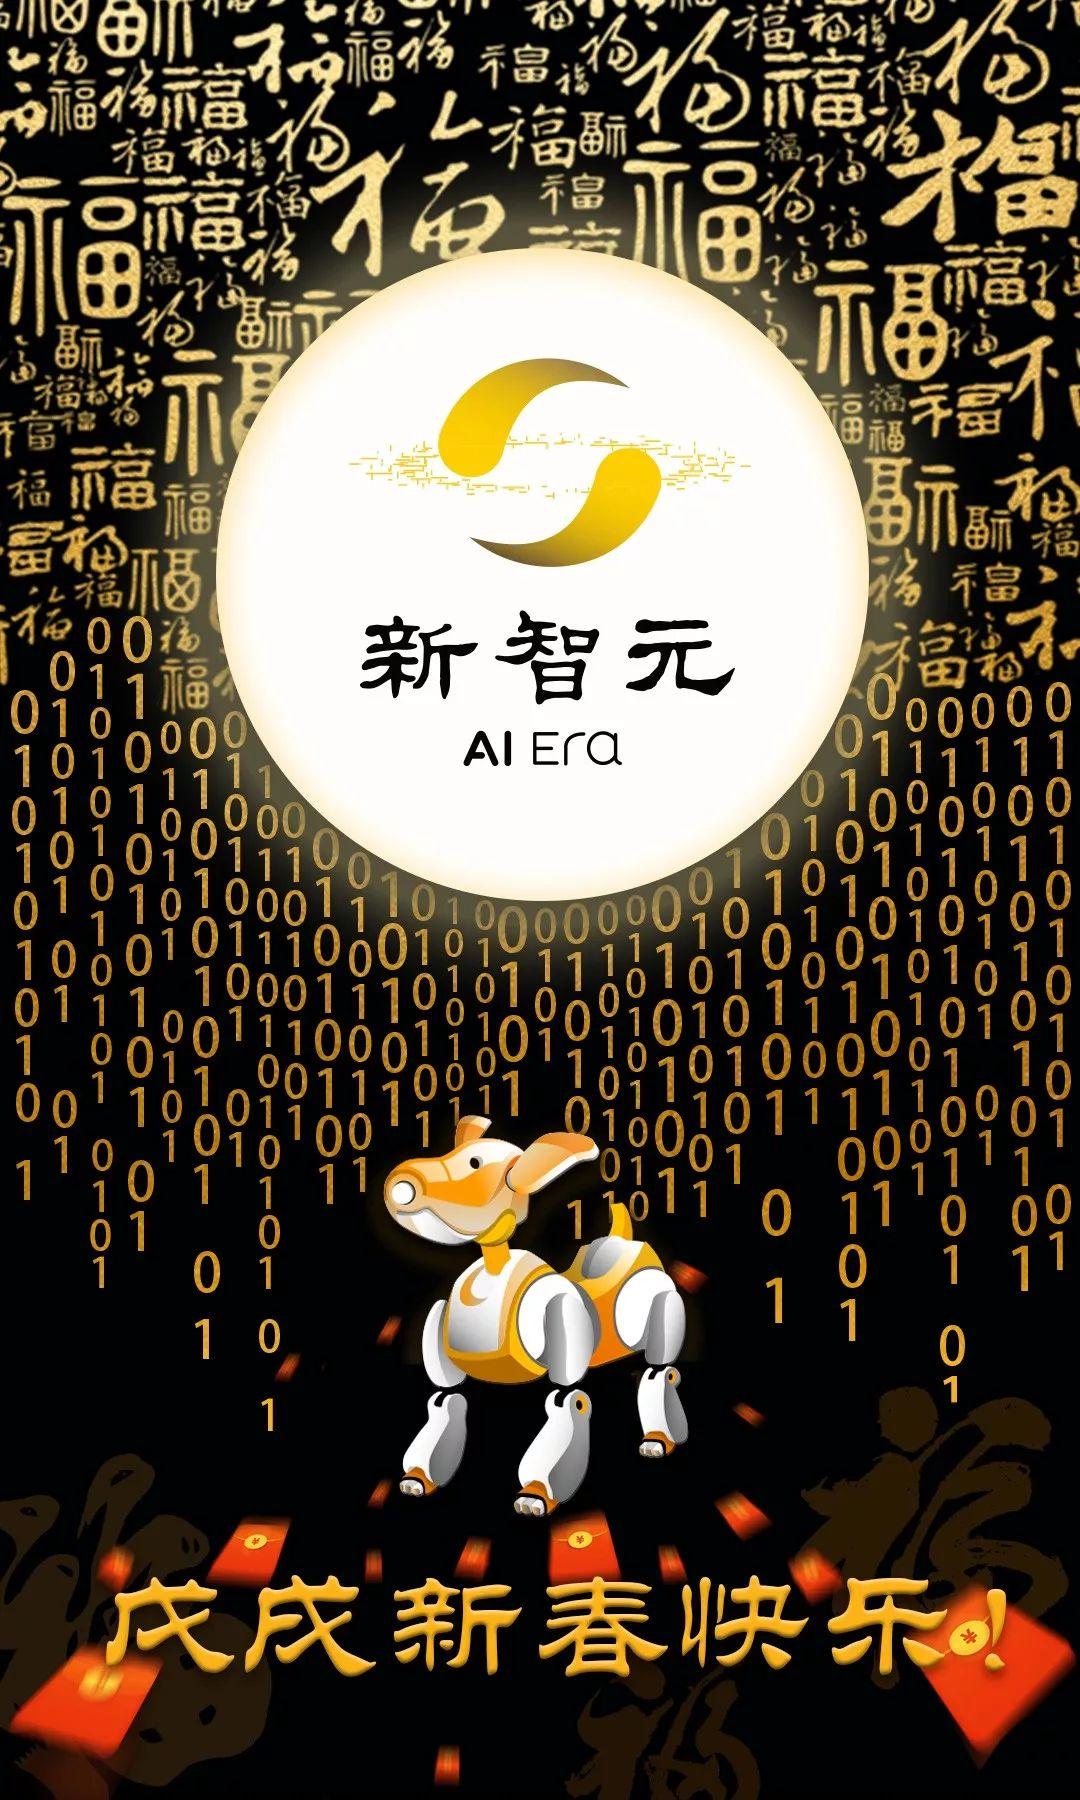 【AI幽灵】超90%论文算法不可复现,你为何不愿公开代码?